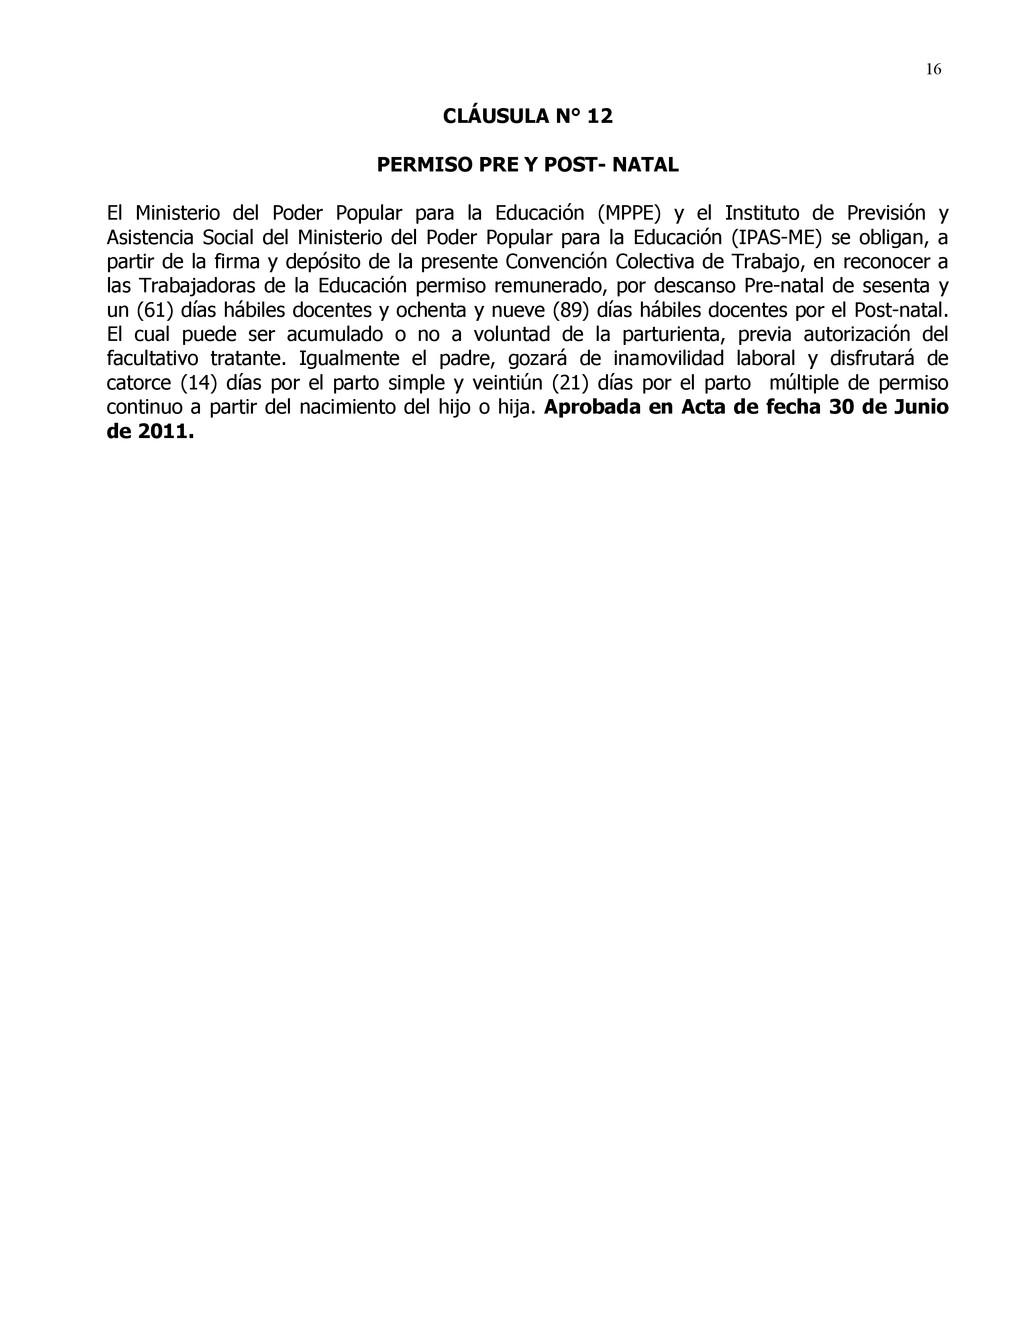 16 CLÁUSULA N° 12 PERMISO PRE Y POST- NATAL El ...